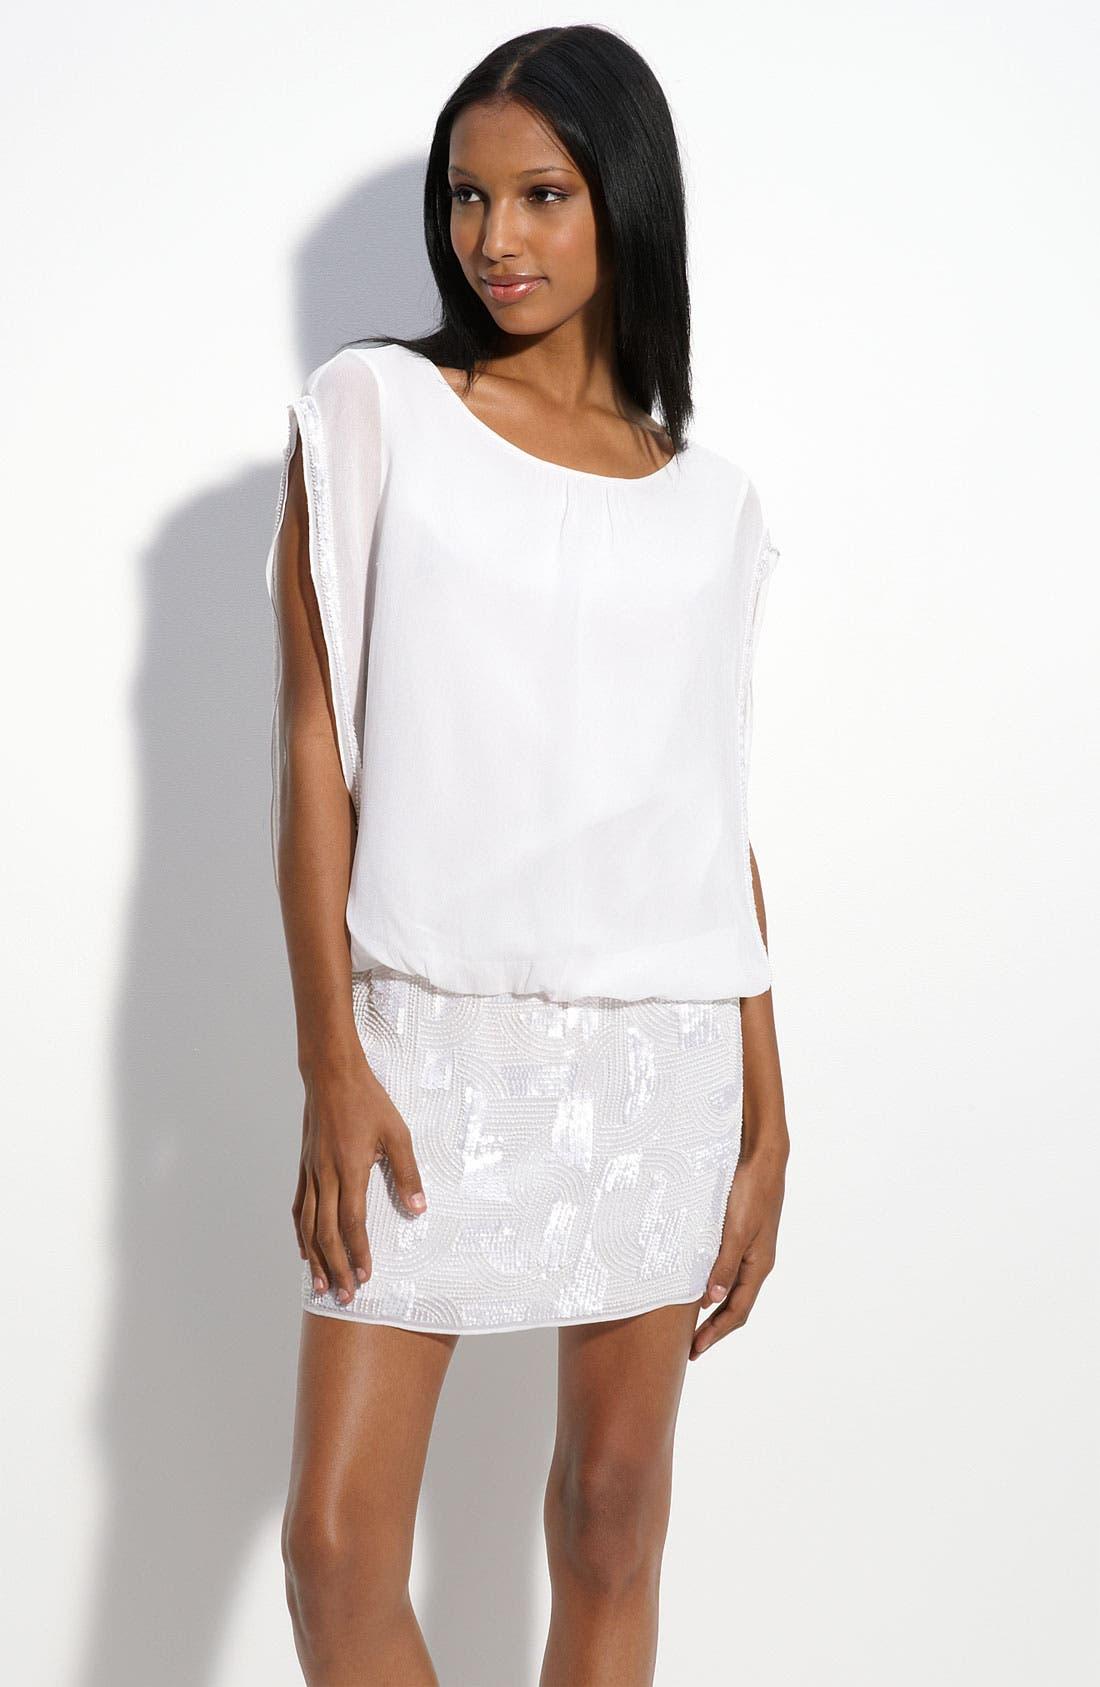 Main Image - Aidan Mattox Sequin Skirt Blouson Dress